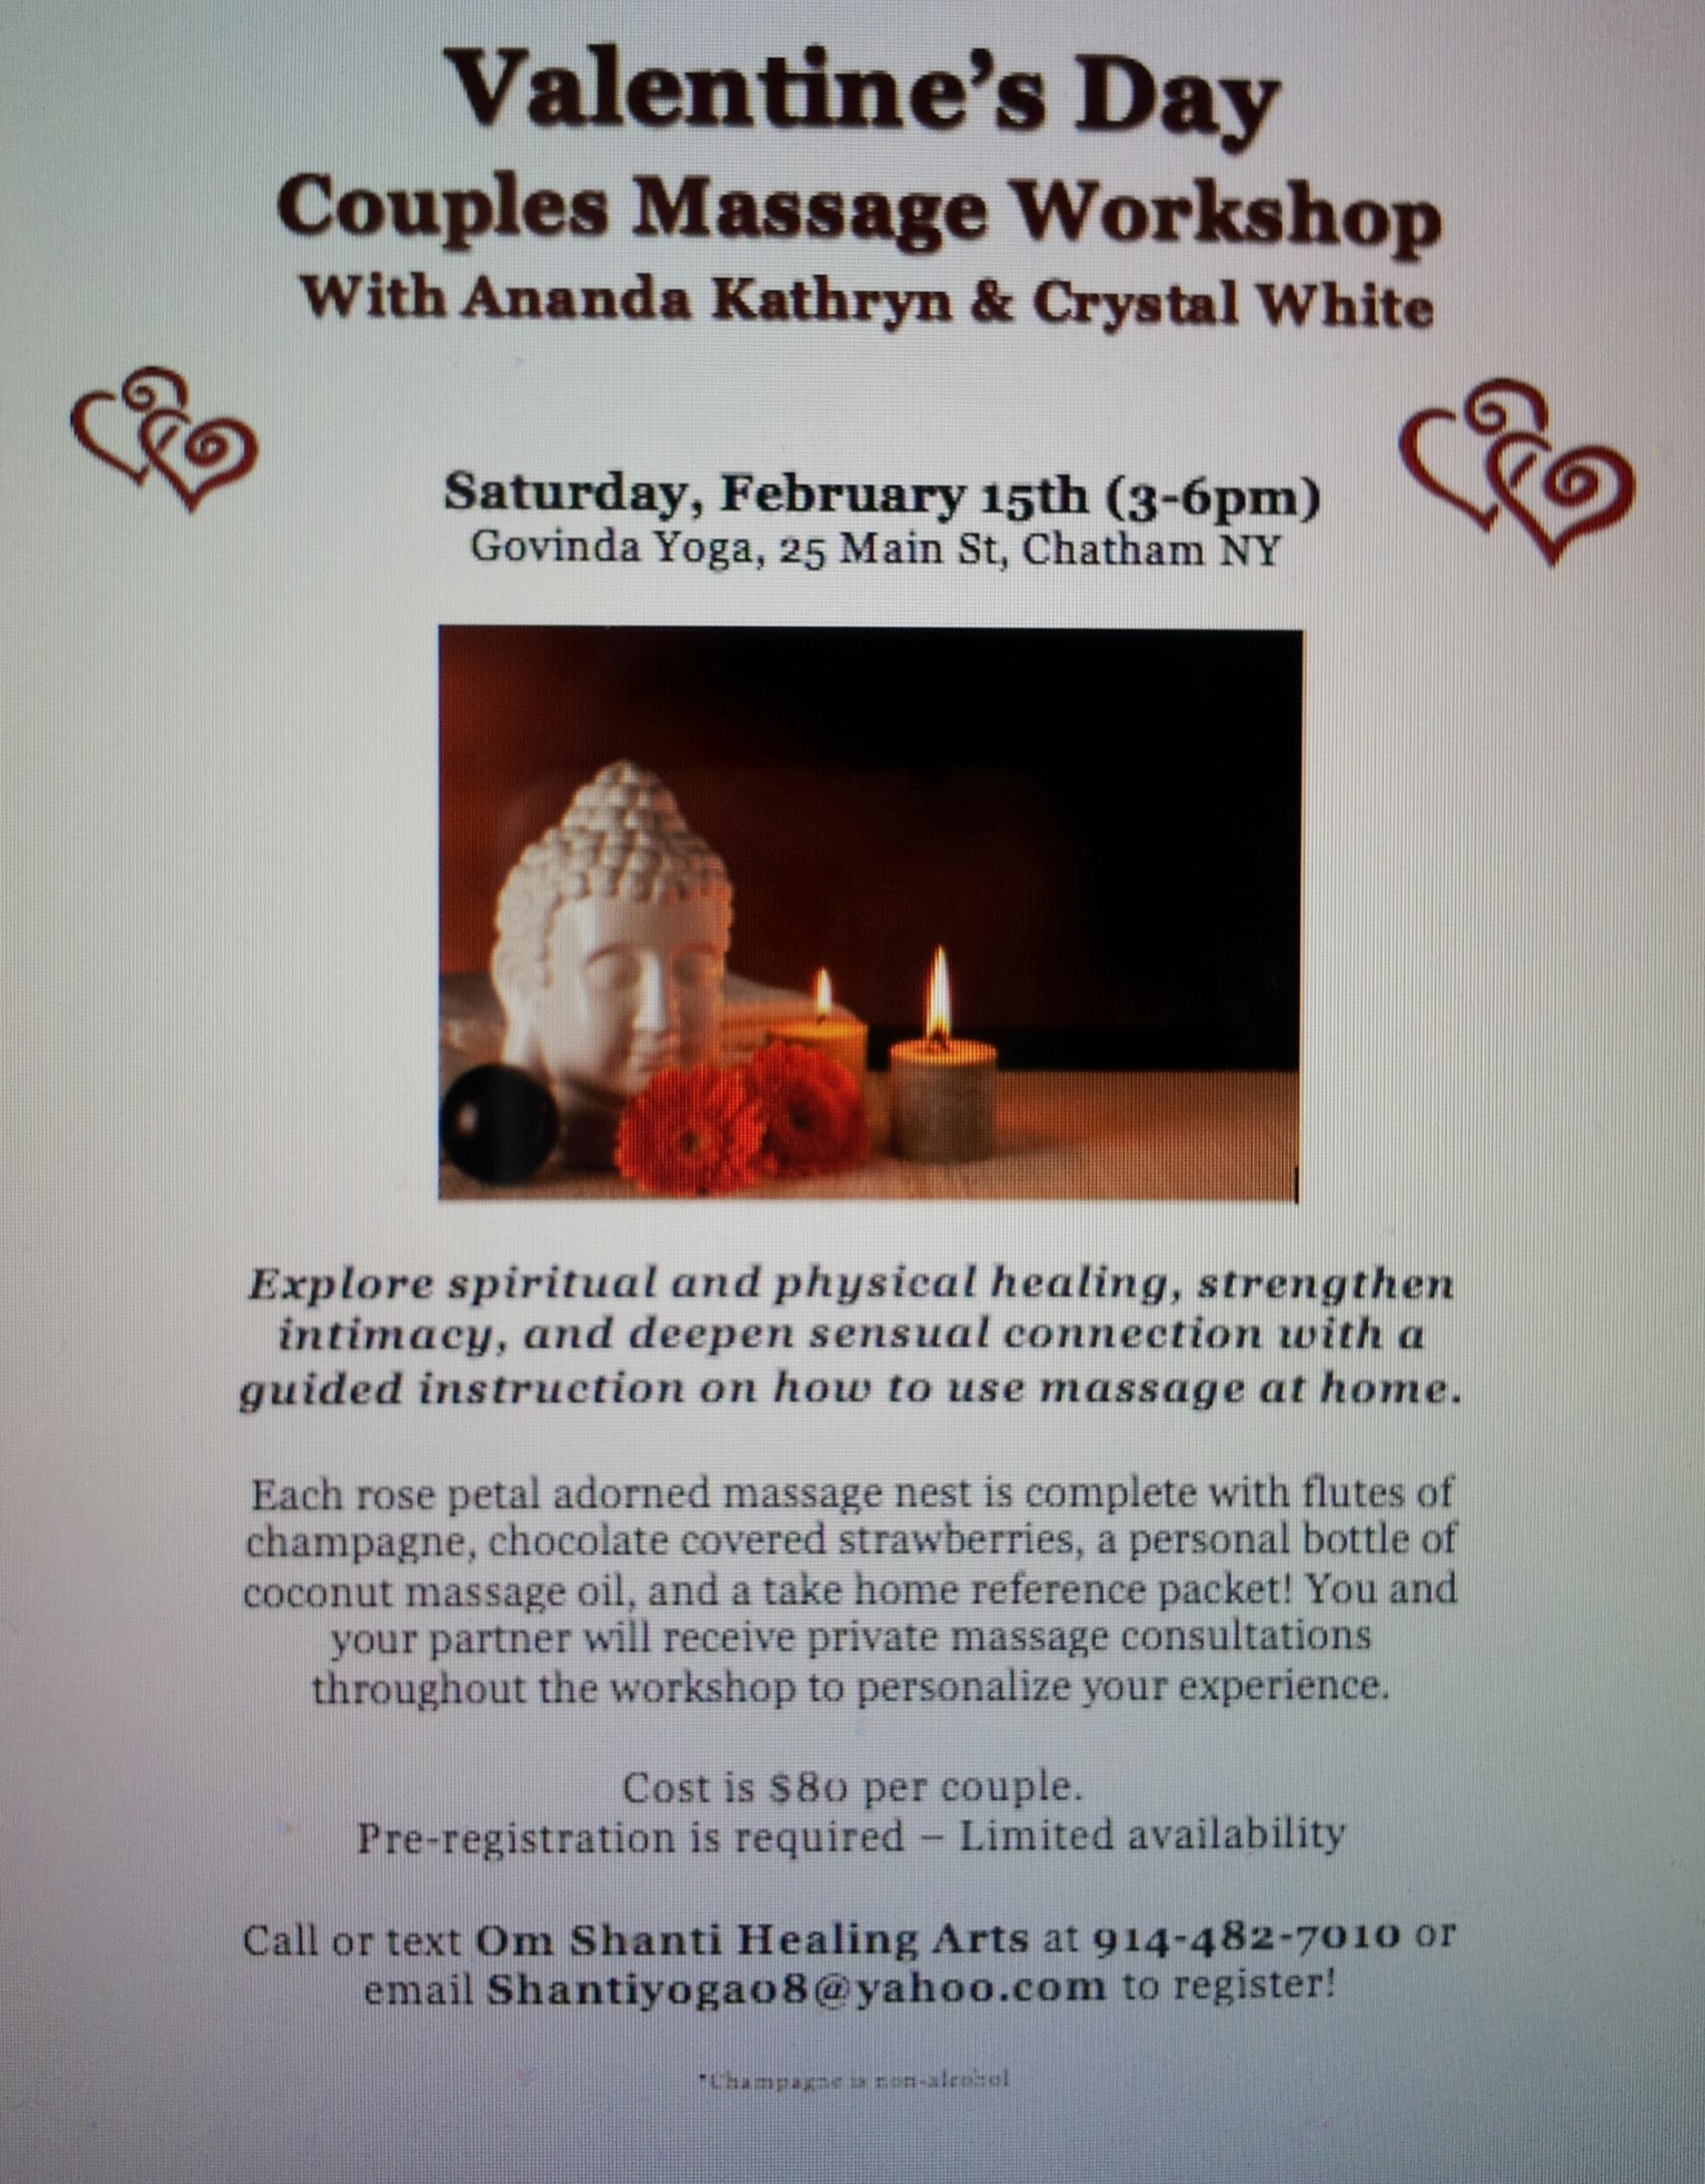 Om Shanti Yoga Healing Arts Llc Valentinesworkshopflyer